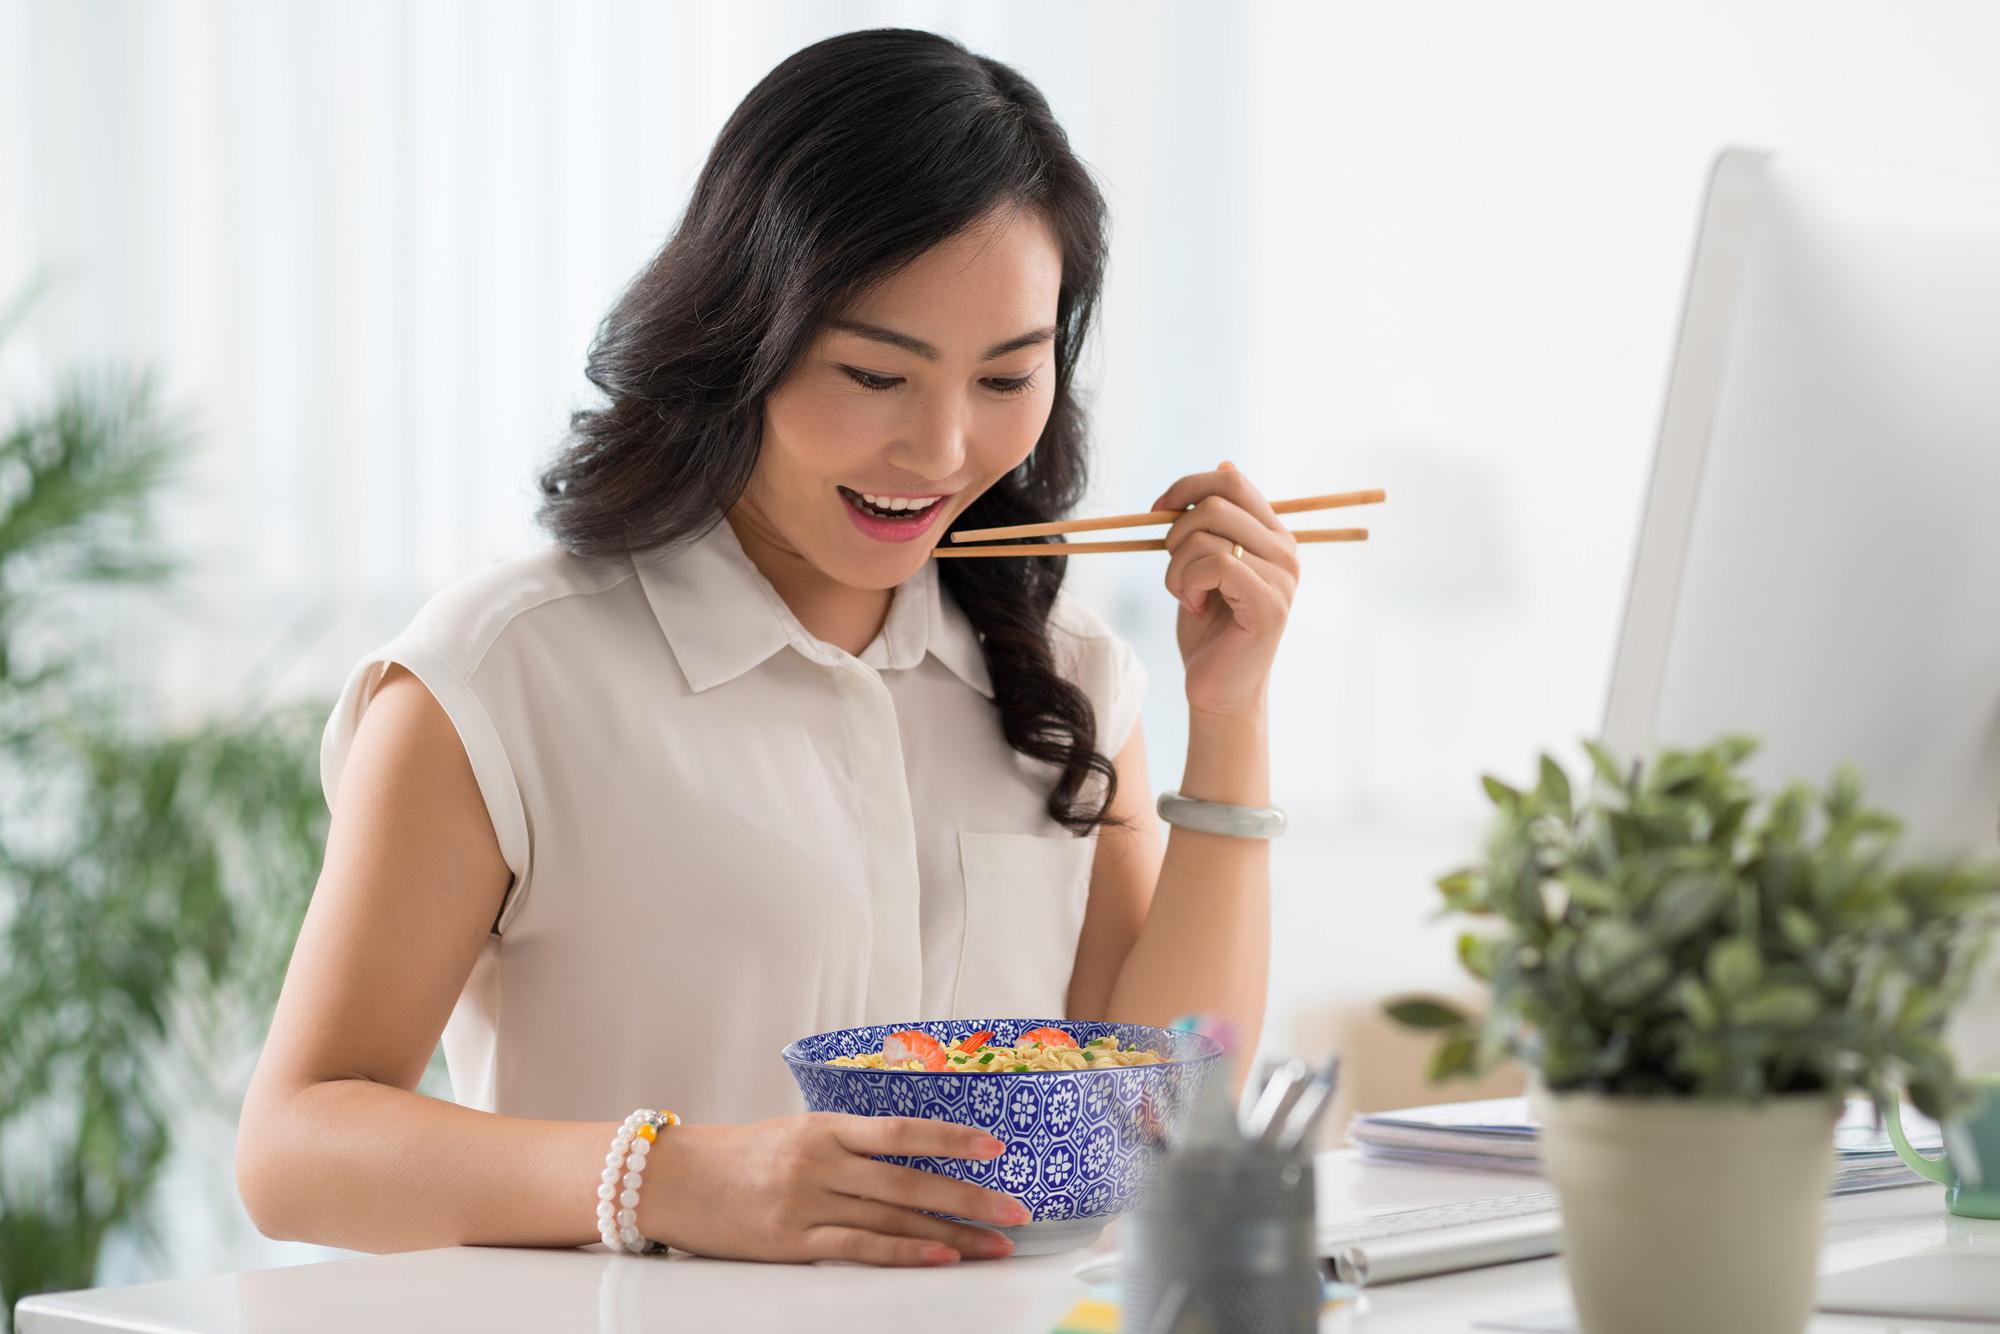 Checklist ăn mì của hội sống xanh: Chua cay chưa đủ mà phải có thêm thành phần này! - Ảnh 2.